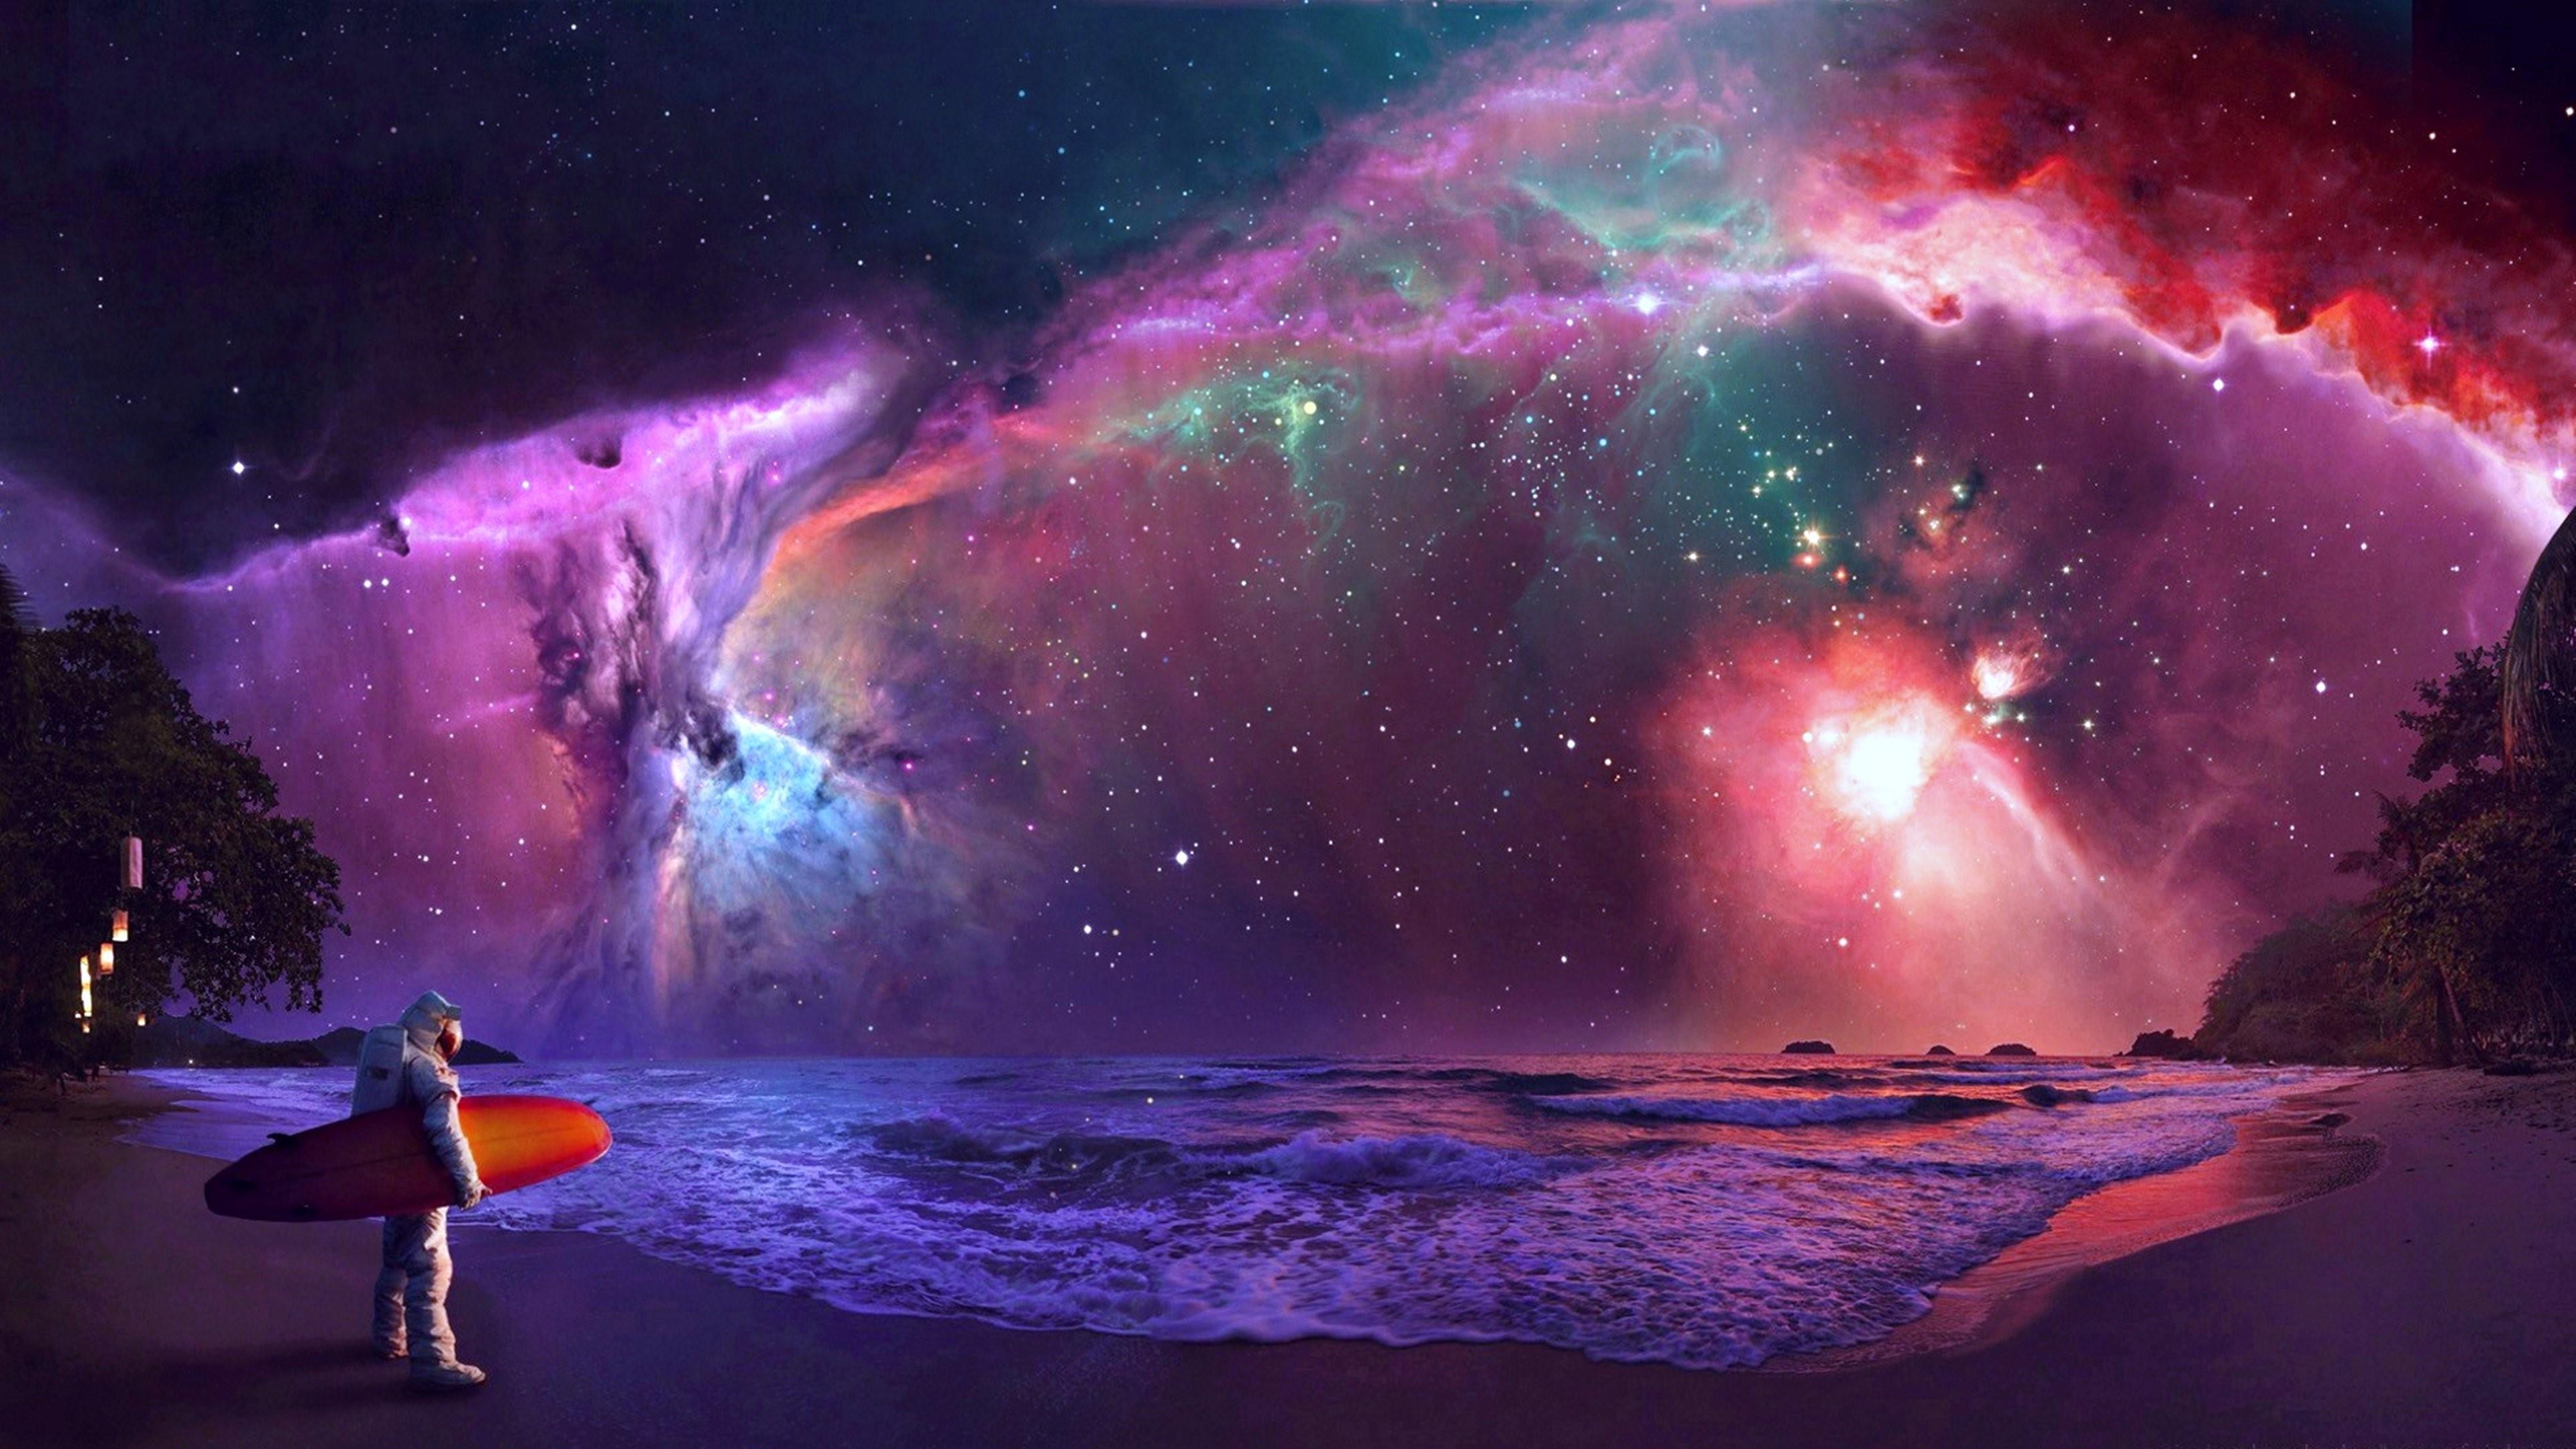 Surfing astronaut - Fantasy art wallpaper